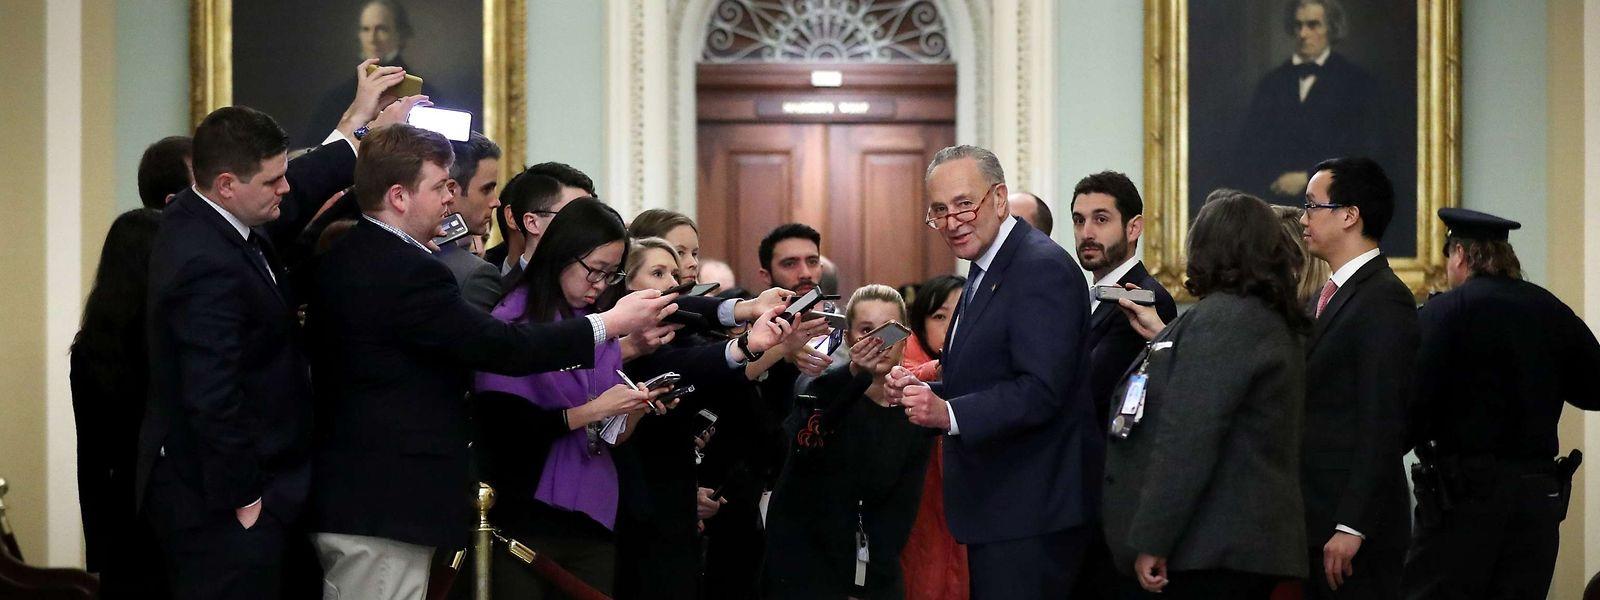 Der Demokrat Chuck Schumer, Minderheitenführer im Senat, im Gespräch mit der Presse.